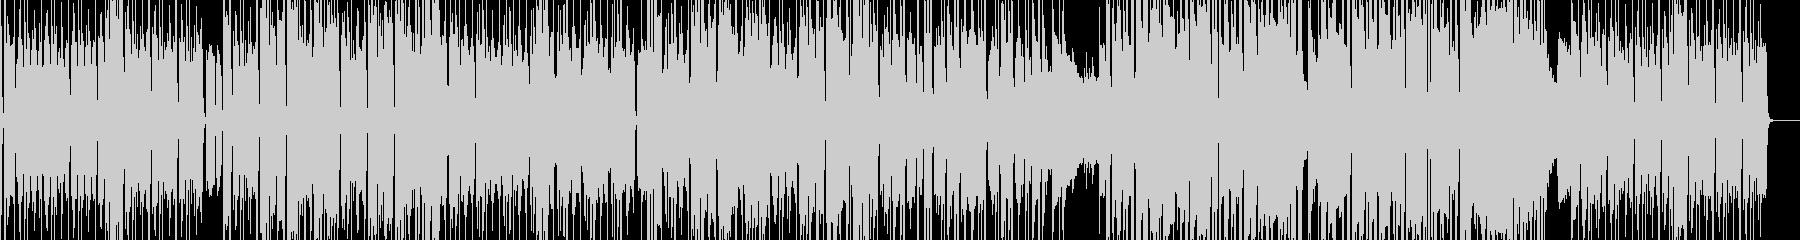 【生サックス】淡々とした感じのファンクの未再生の波形